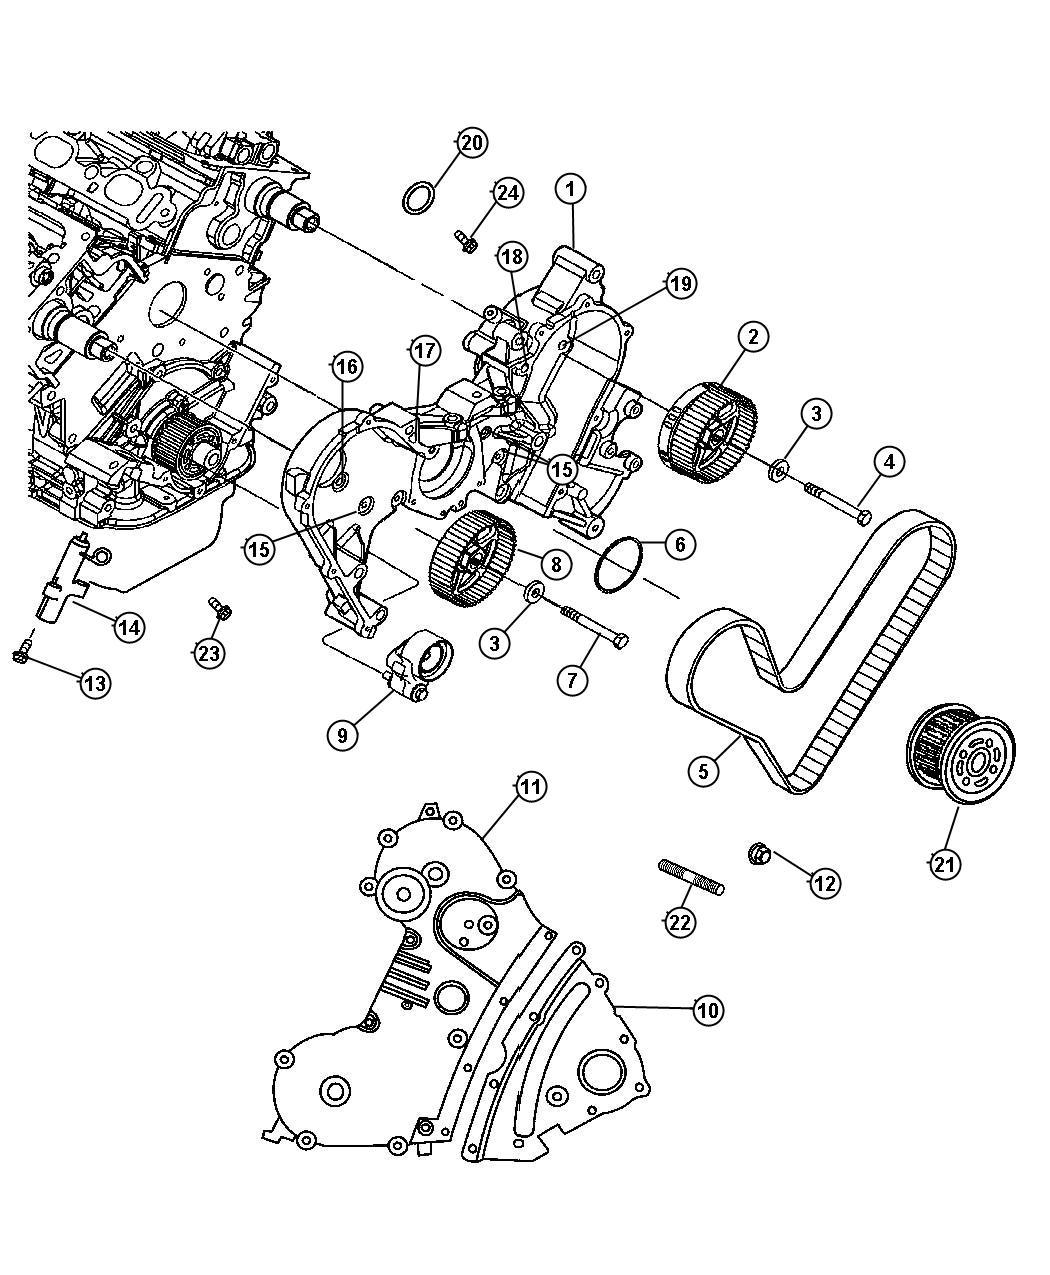 2005 chrysler 300 transmission wiring diagram